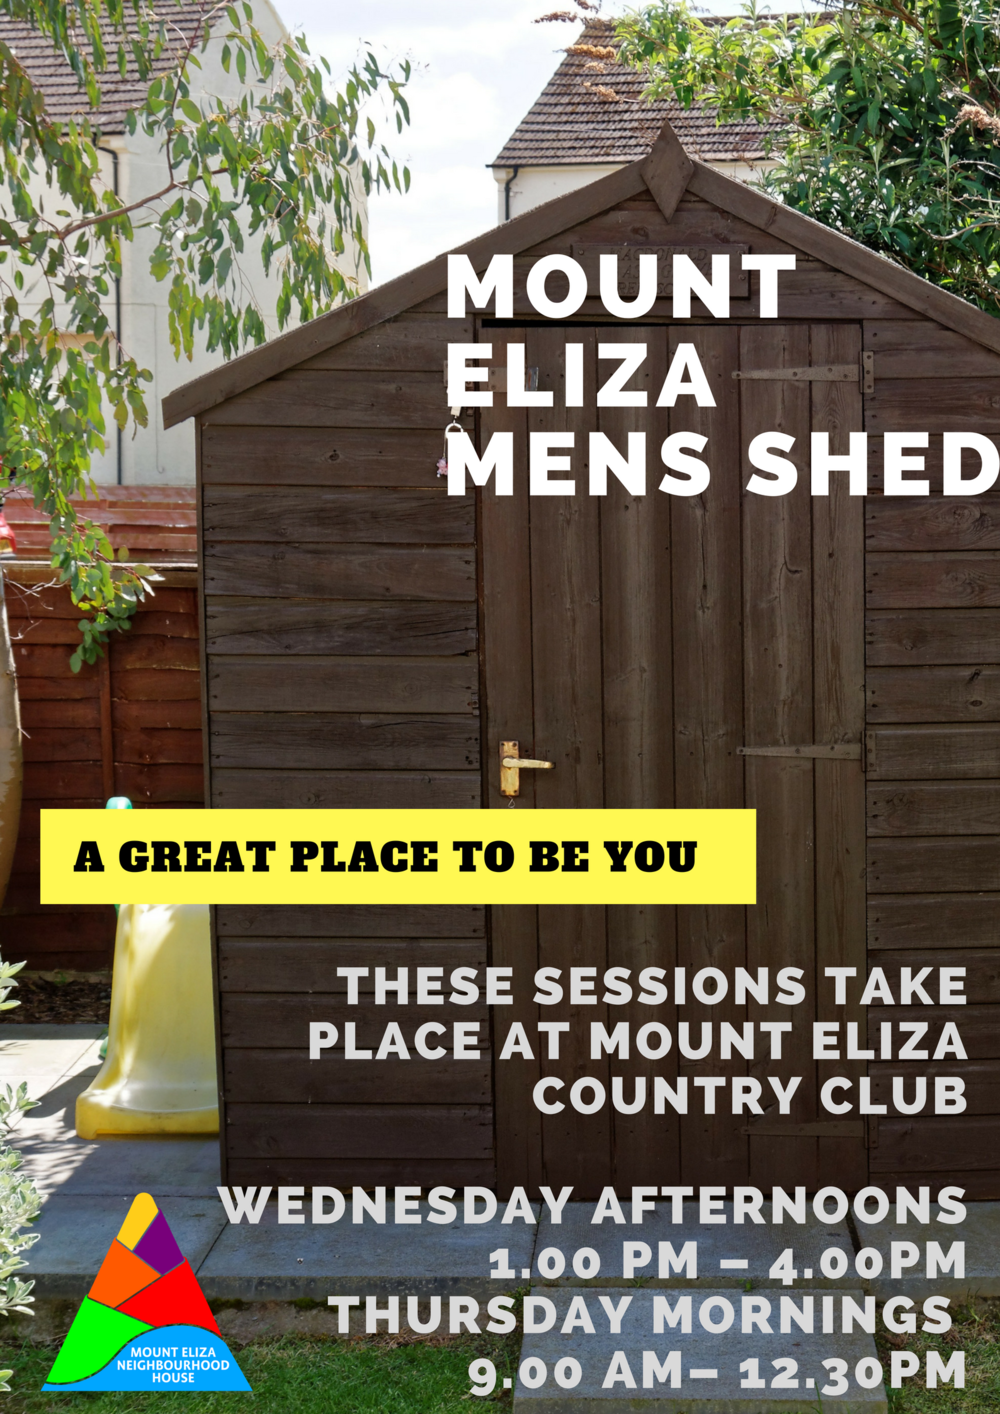 mountelizamens shed (1).png